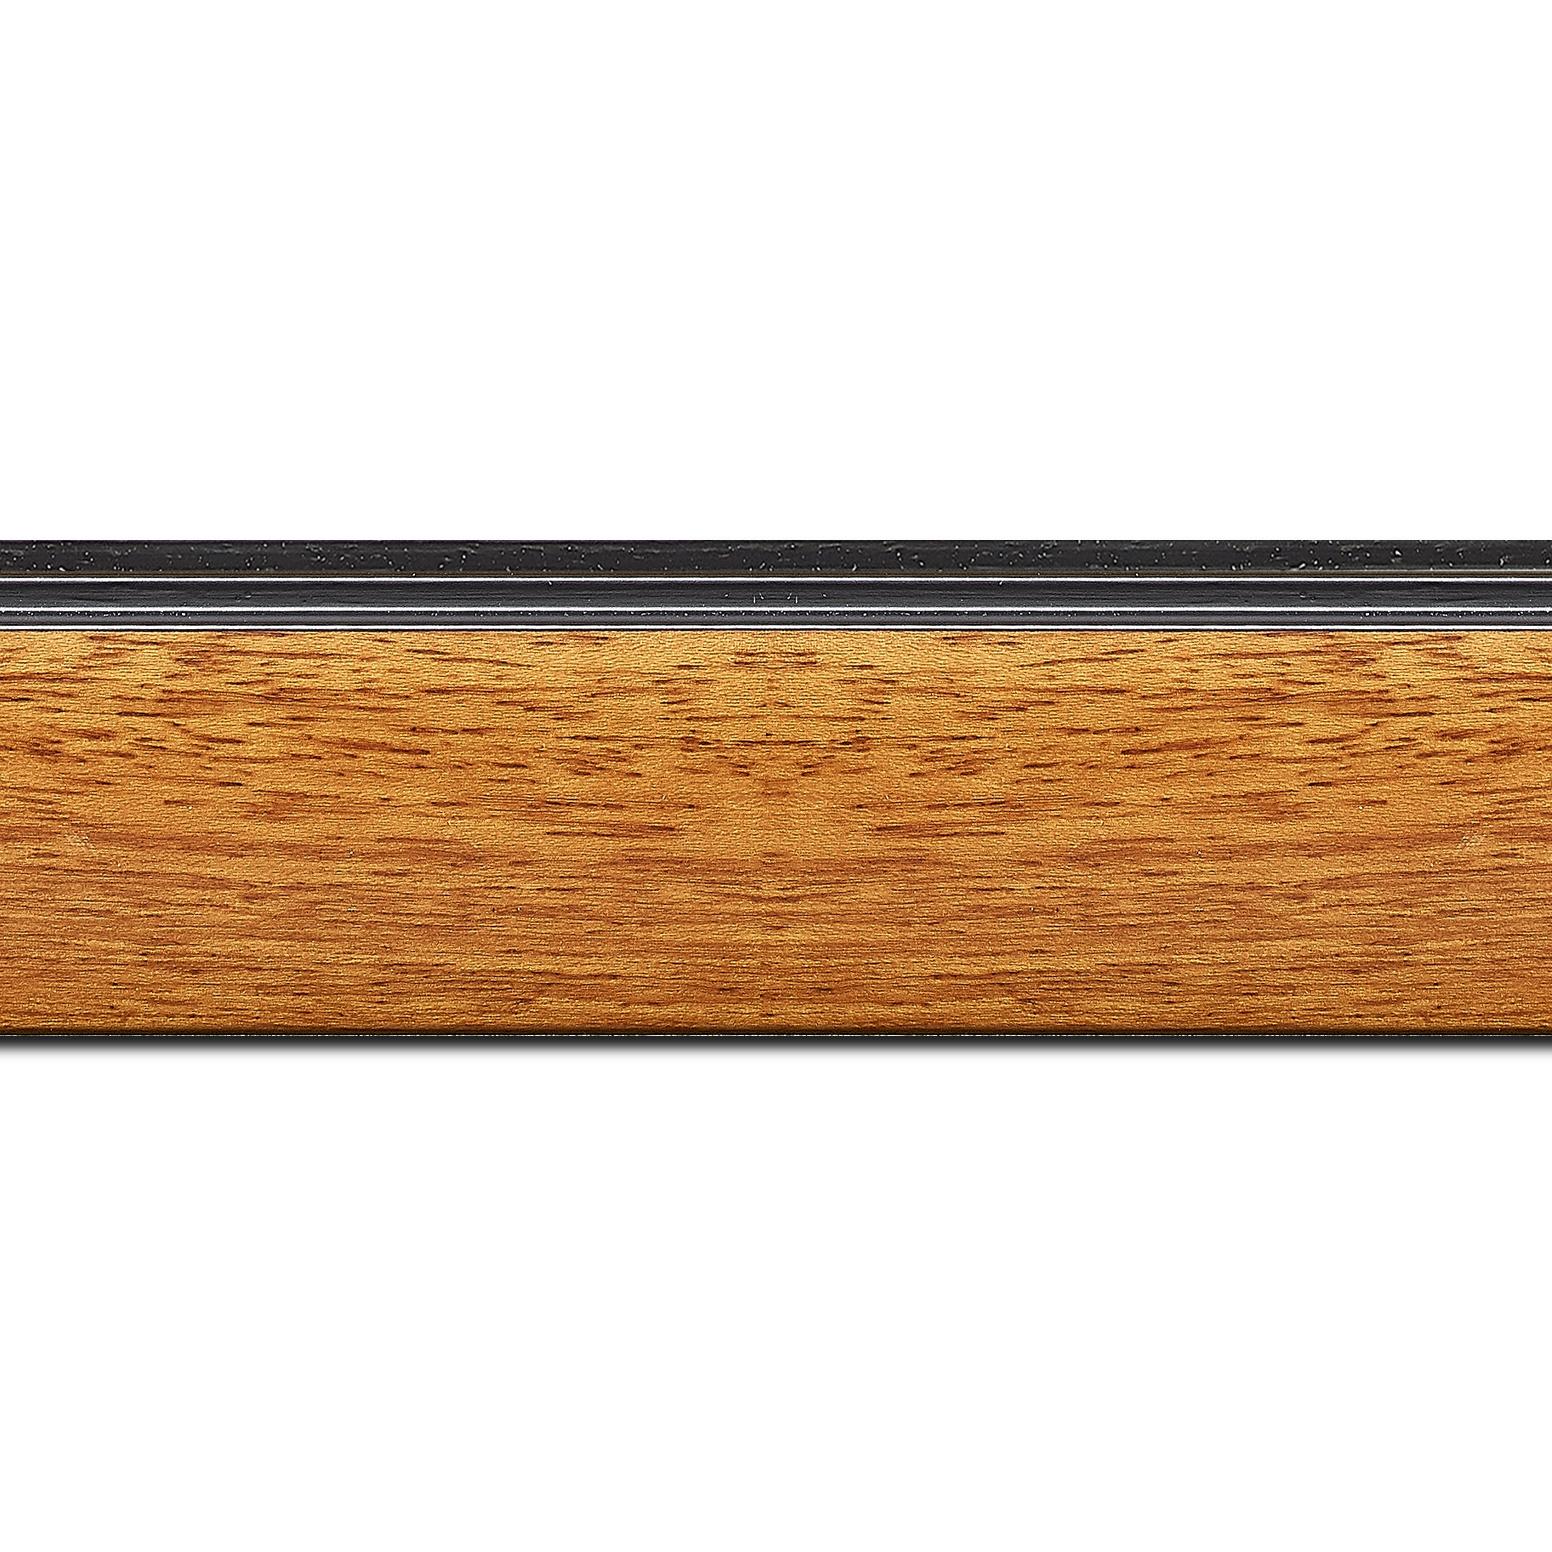 Pack par 12m, bois profil en pente méplat largeur 4.8cm couleur merisier satiné surligné par une gorge extérieure noire : originalité et élégance assurée (longueur baguette pouvant varier entre 2.40m et 3m selon arrivage des bois)